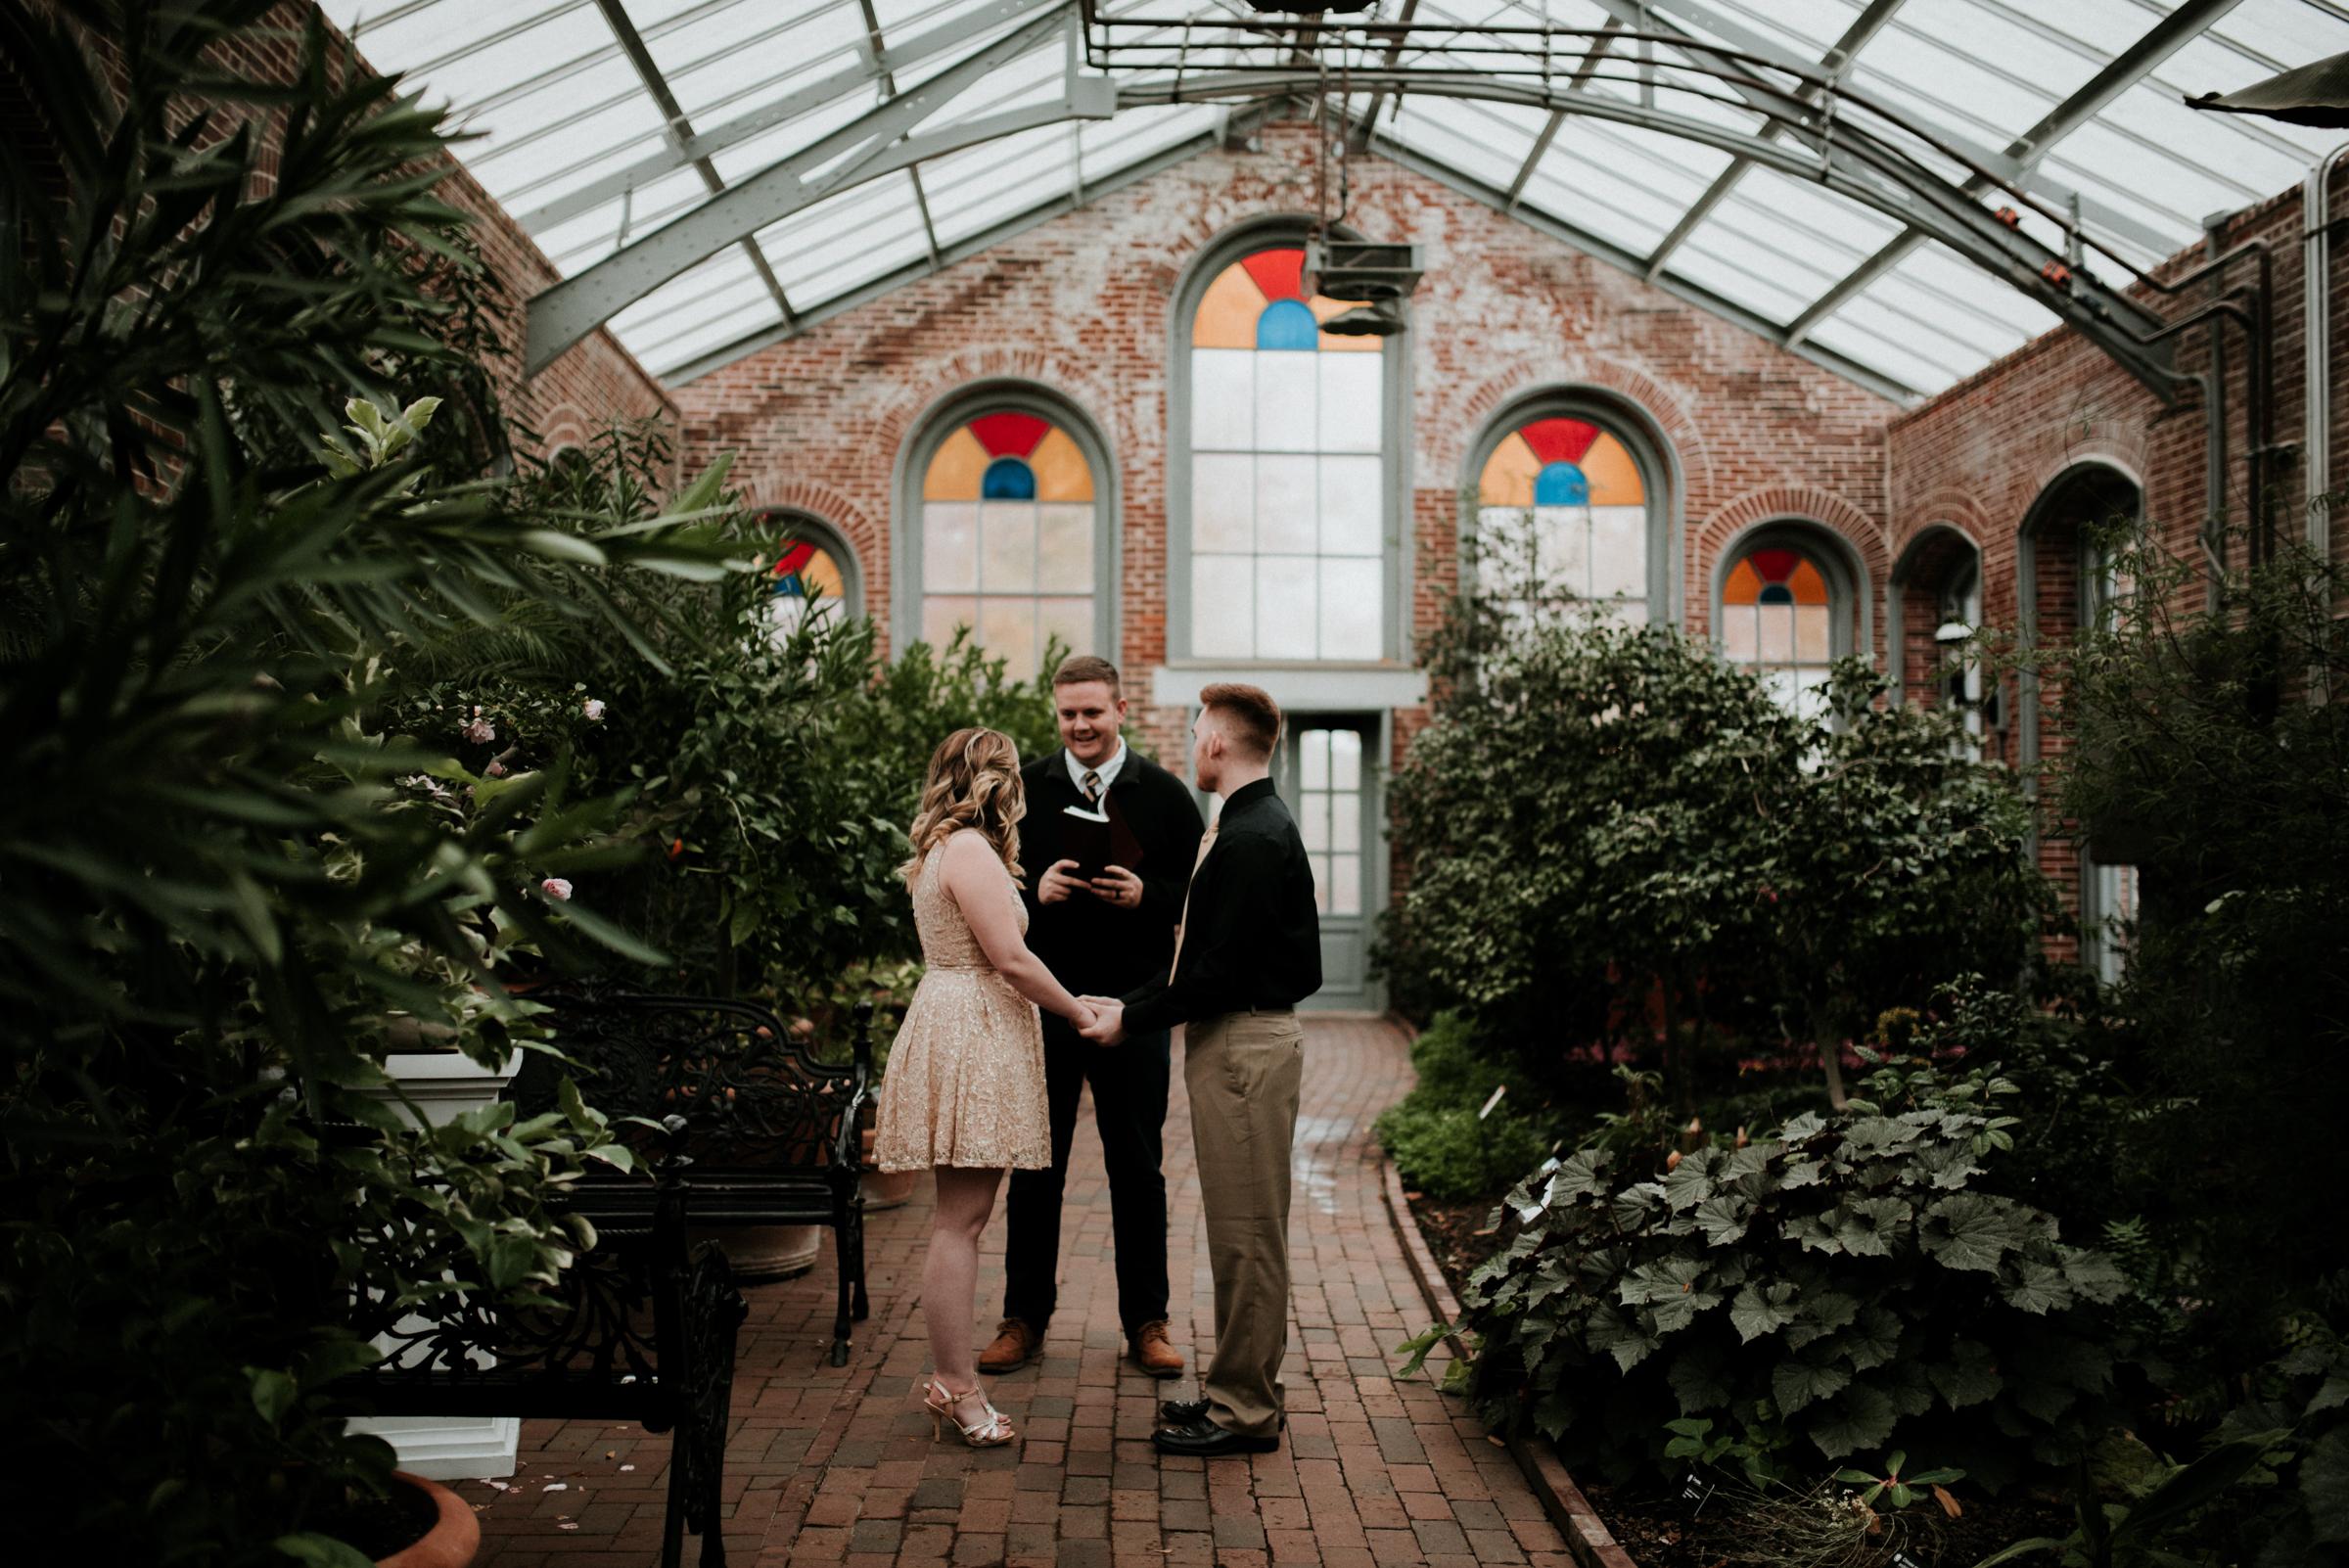 Rebekah + Trey's elopement in St. Louis